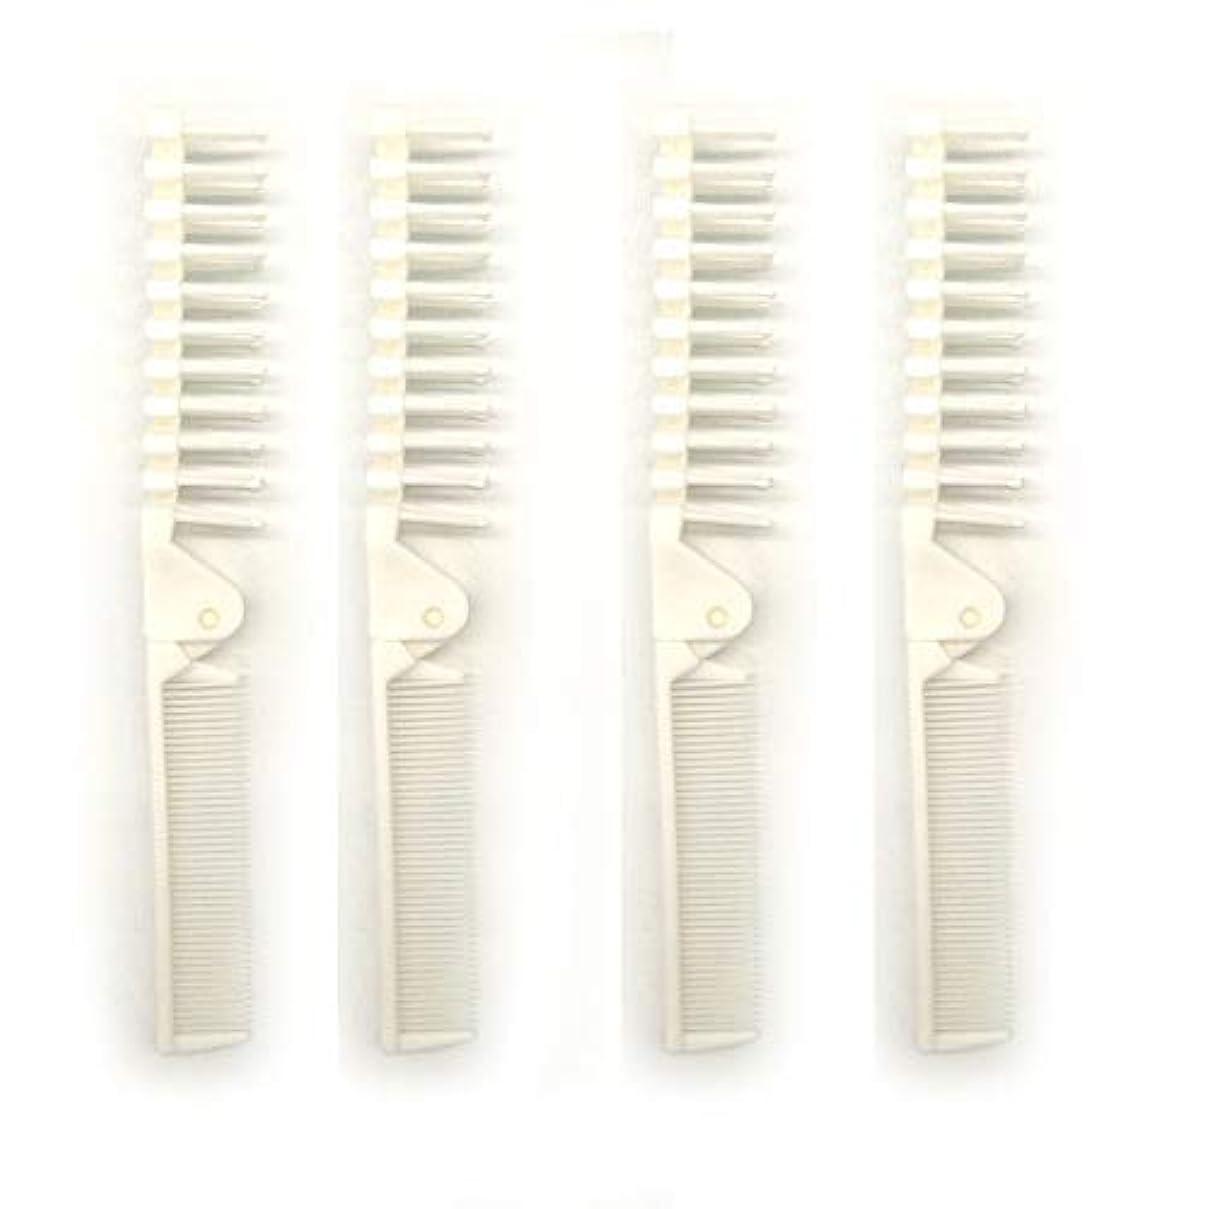 含む巨人休憩PUTYSUUN Portable Travel Size Comb Brush Combo Folding, Antistatic Pack of 4 [並行輸入品]